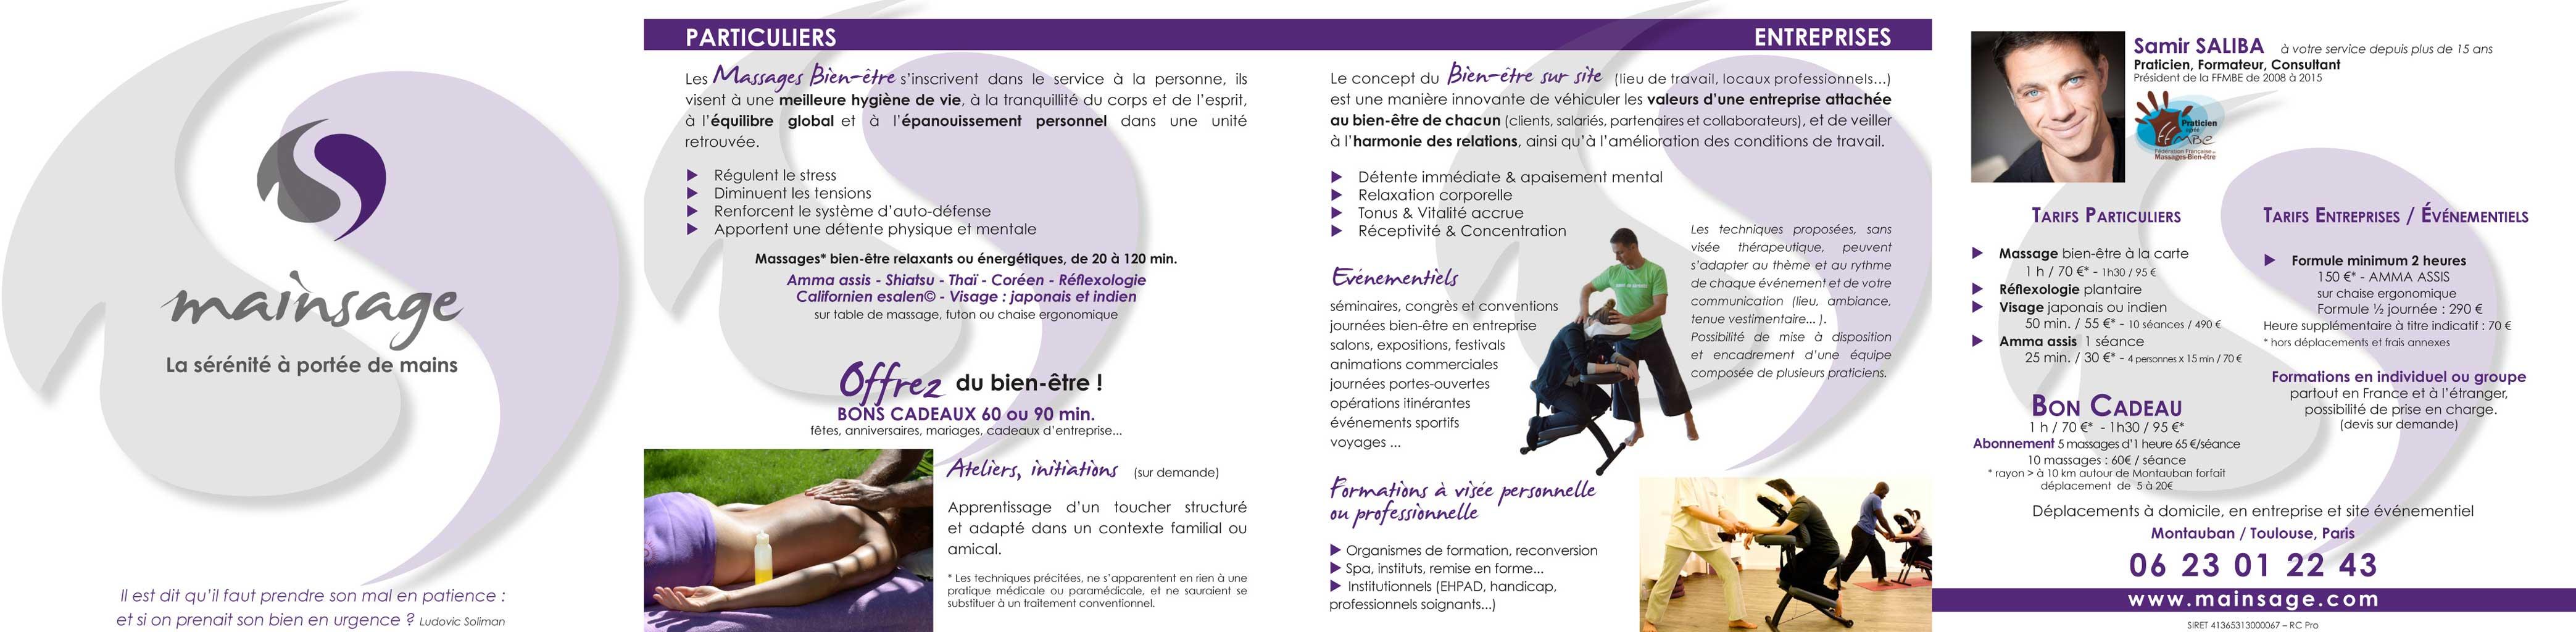 Plaquette présentation & contact Mainsage